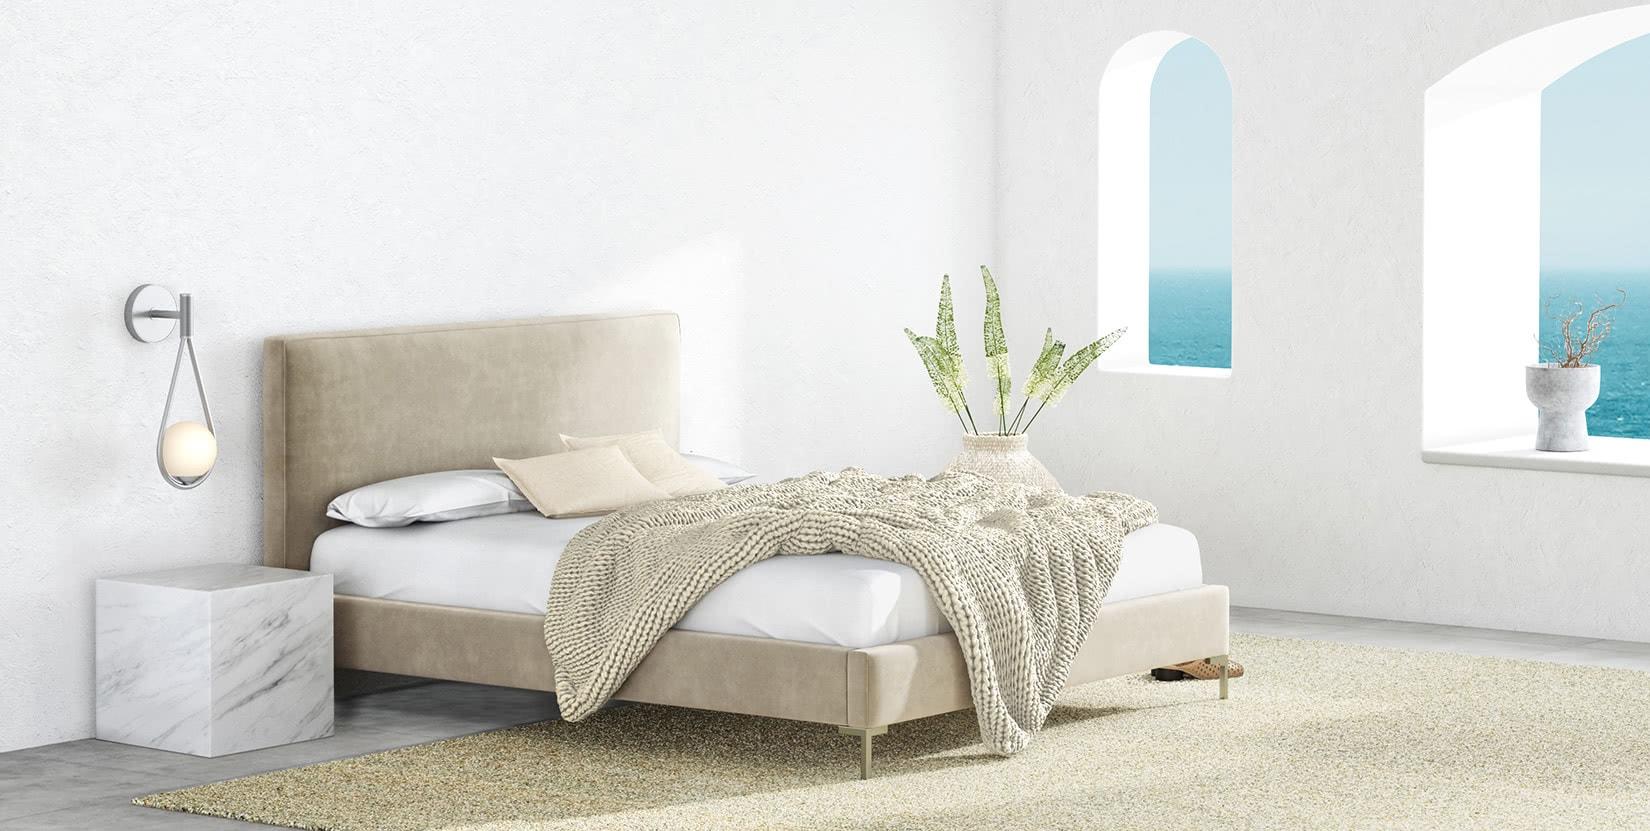 Saatva mattresses online deals discounts - Luxe Digital